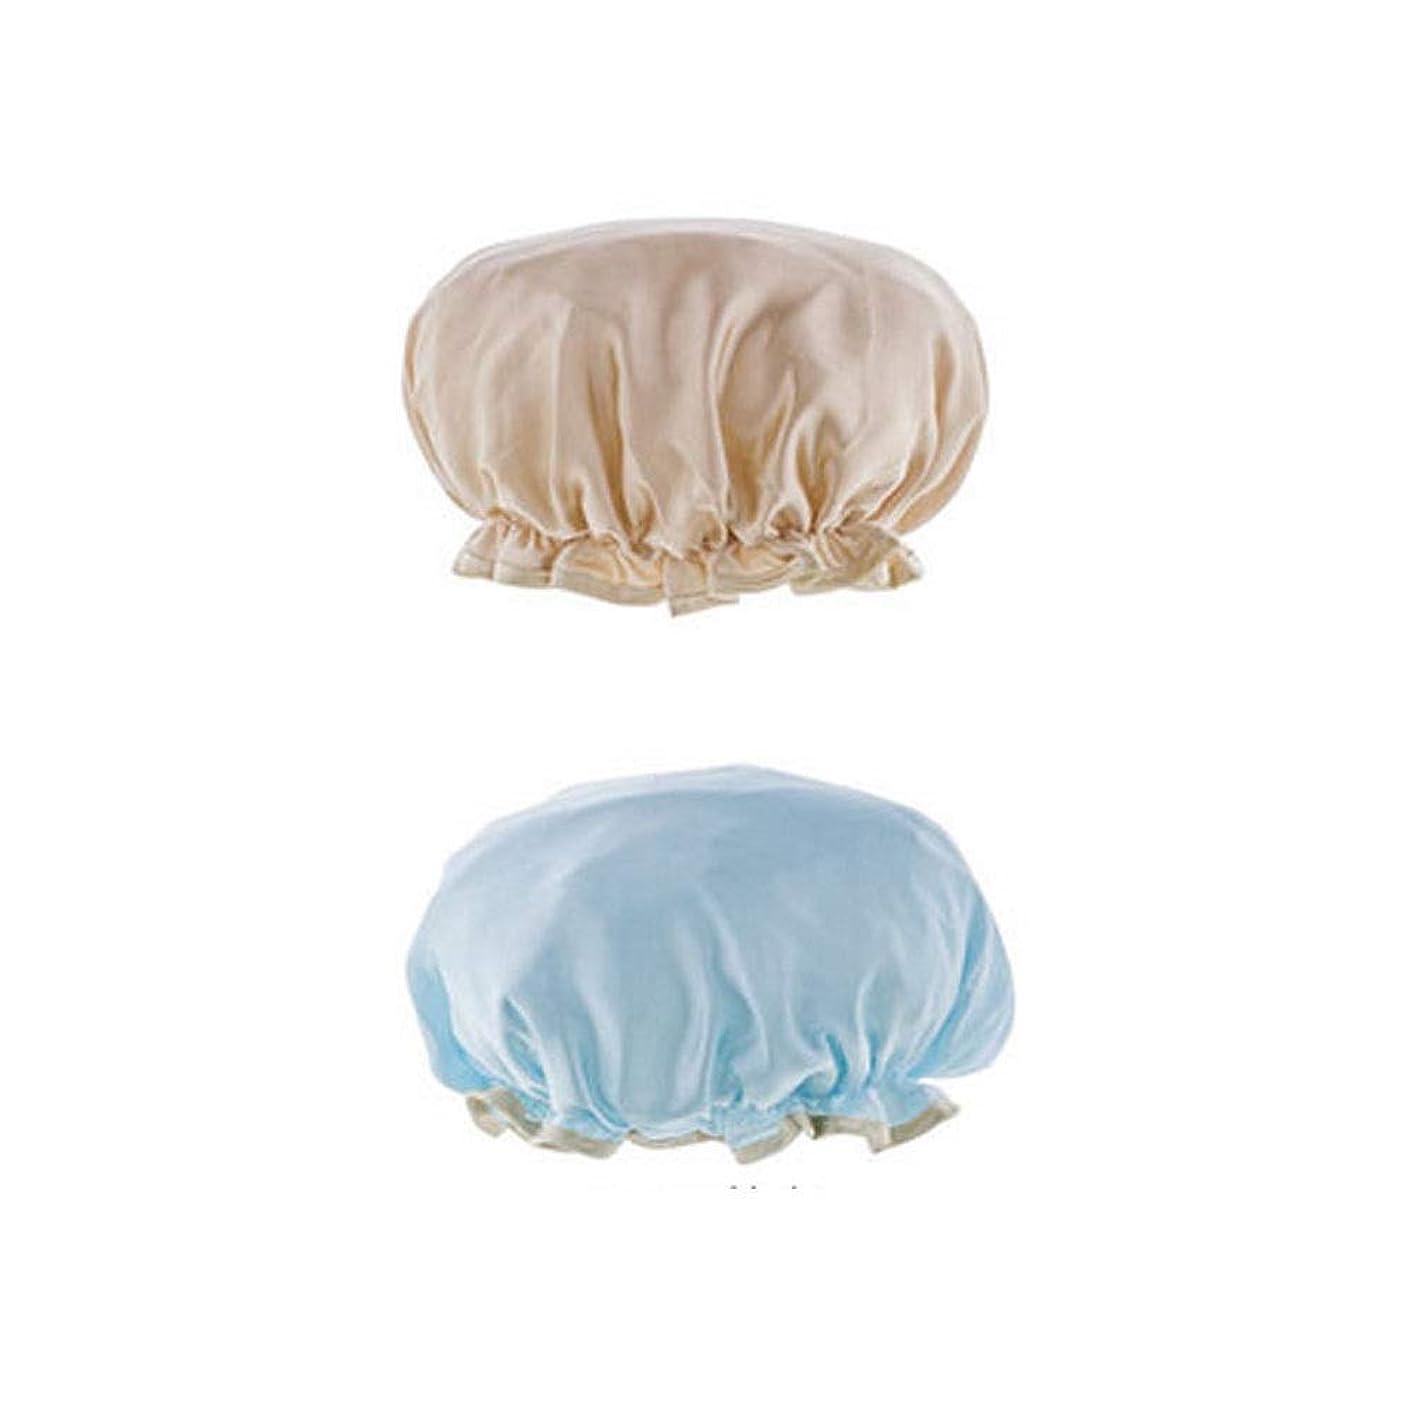 貴重なソーシャル合計シャワーキャップ、レディースシャワーキャップレディース用のすべての髪の長さと太さのデラックスシャワーキャップ - 防水とカビ防止、再利用可能なシャワーキャップ。 (Color : 5)